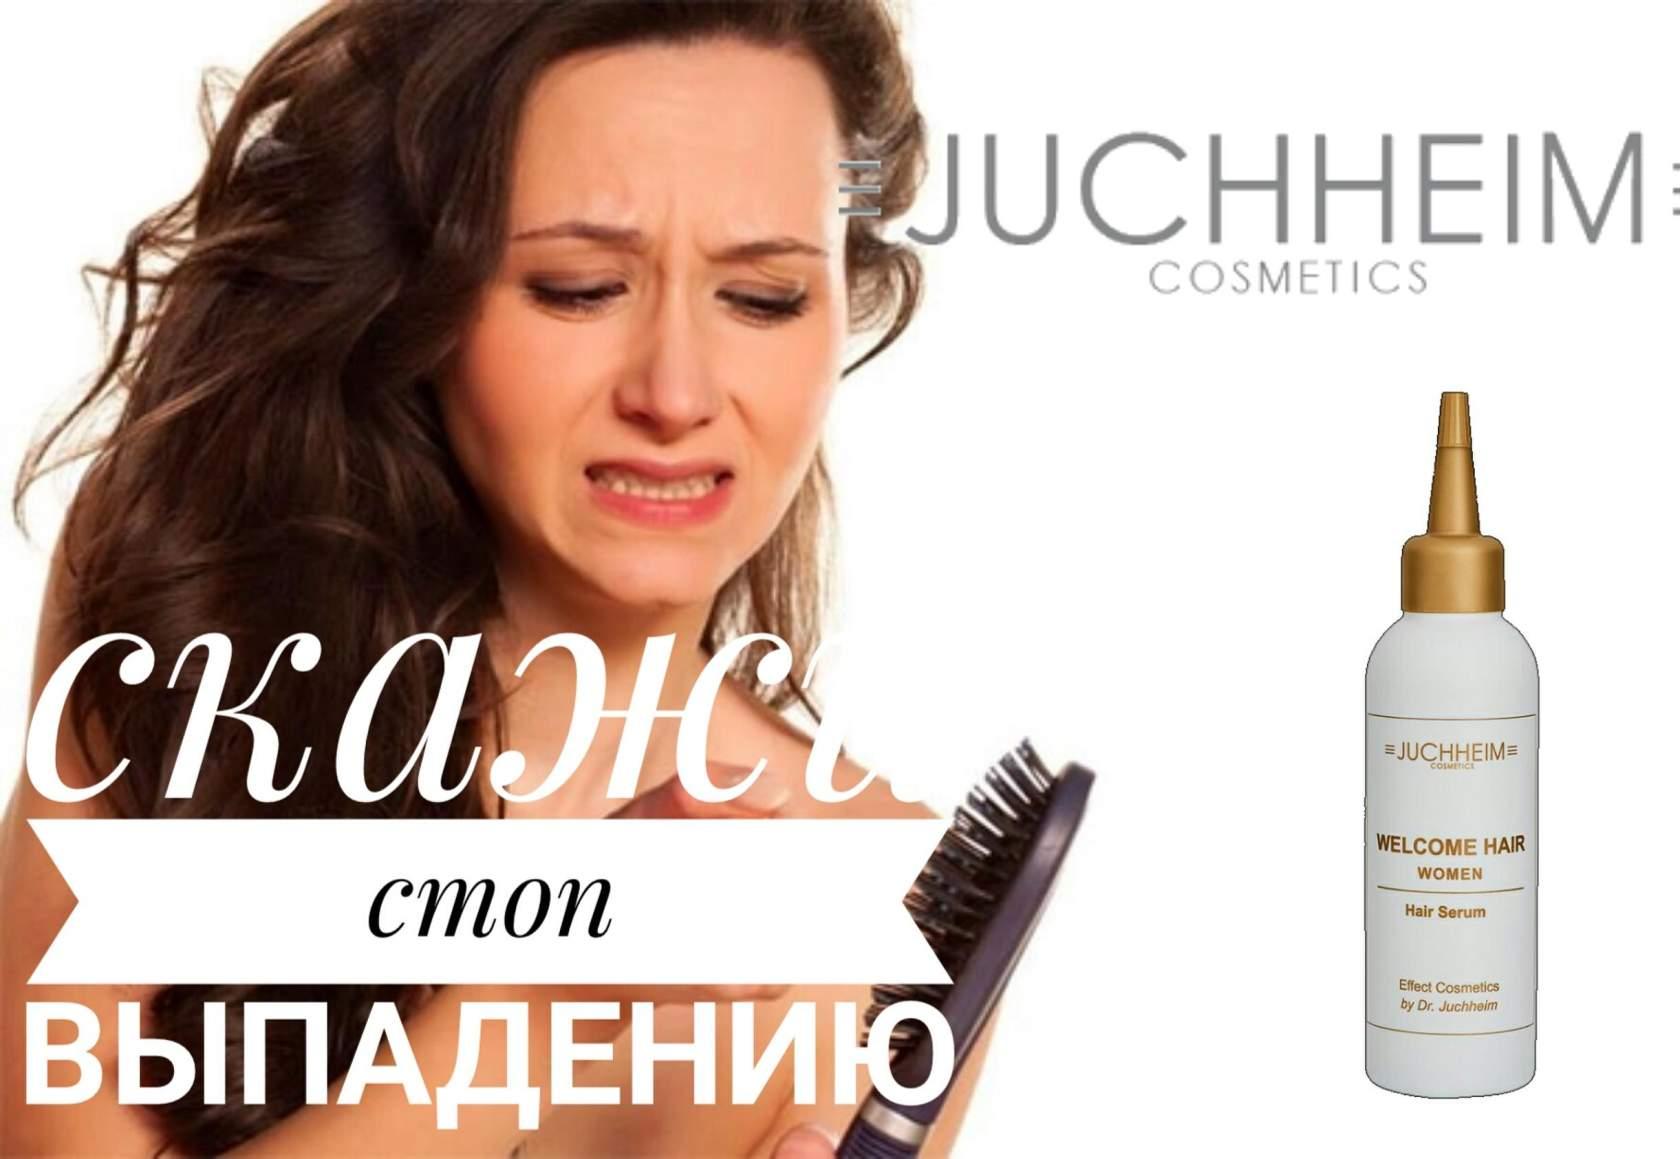 Лучшее средство для восстановления волос